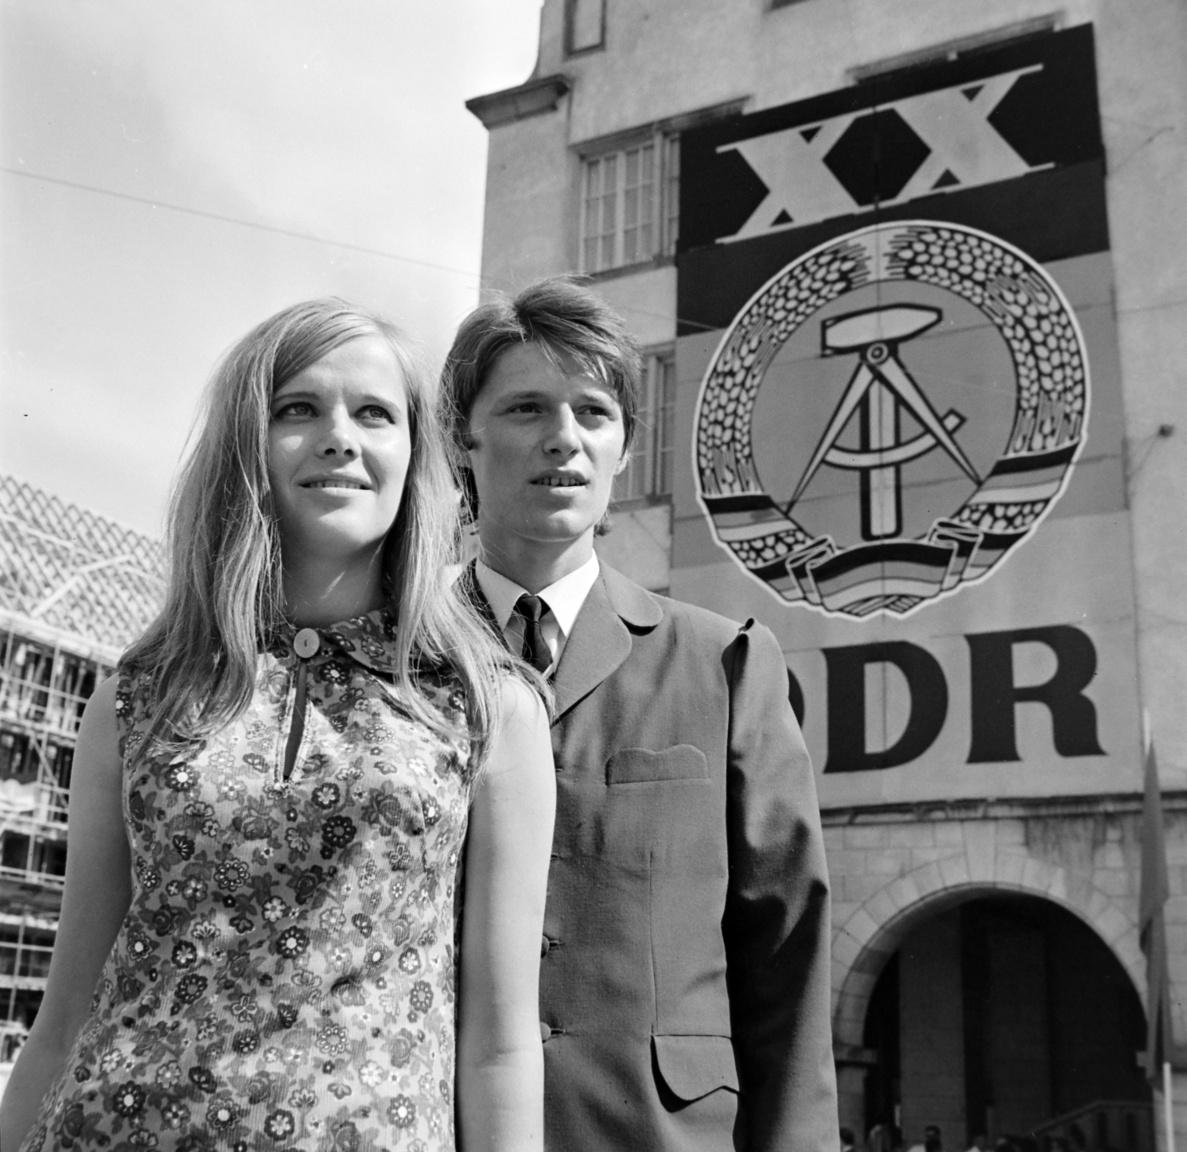 1969 - az NDK 20 éves évfordulója optimista arcú fiatalokkal. A fiatal nőn a fejlett német műanyagipar jellegzetes terméke, a műszálas ruha, ami dörzsölés hatására szikrákat hányt a sötétben.